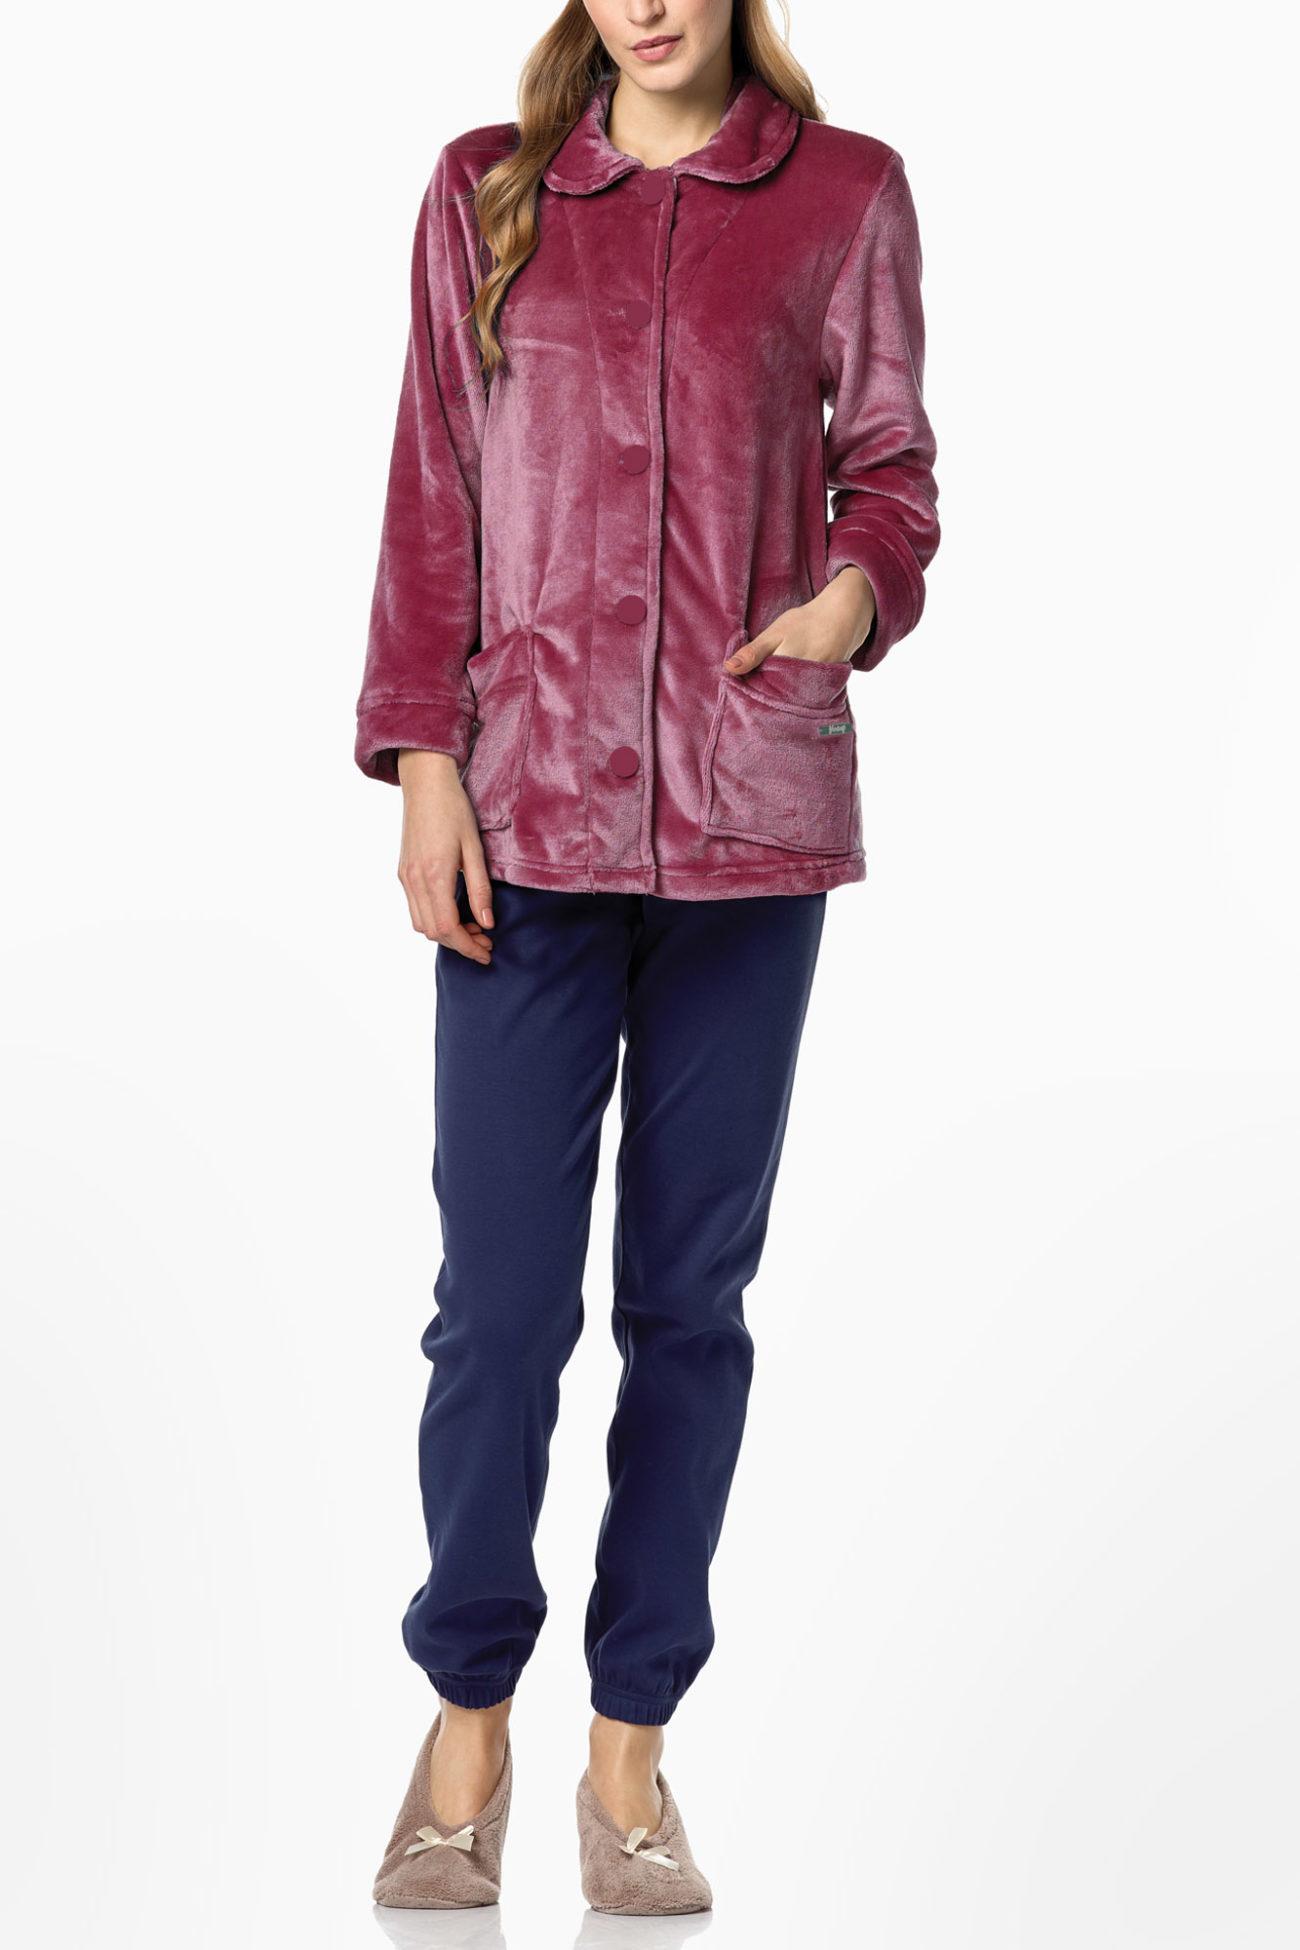 Γυναικεία Ρόμπα Vamp fleece - 0403-254 Μπορντό